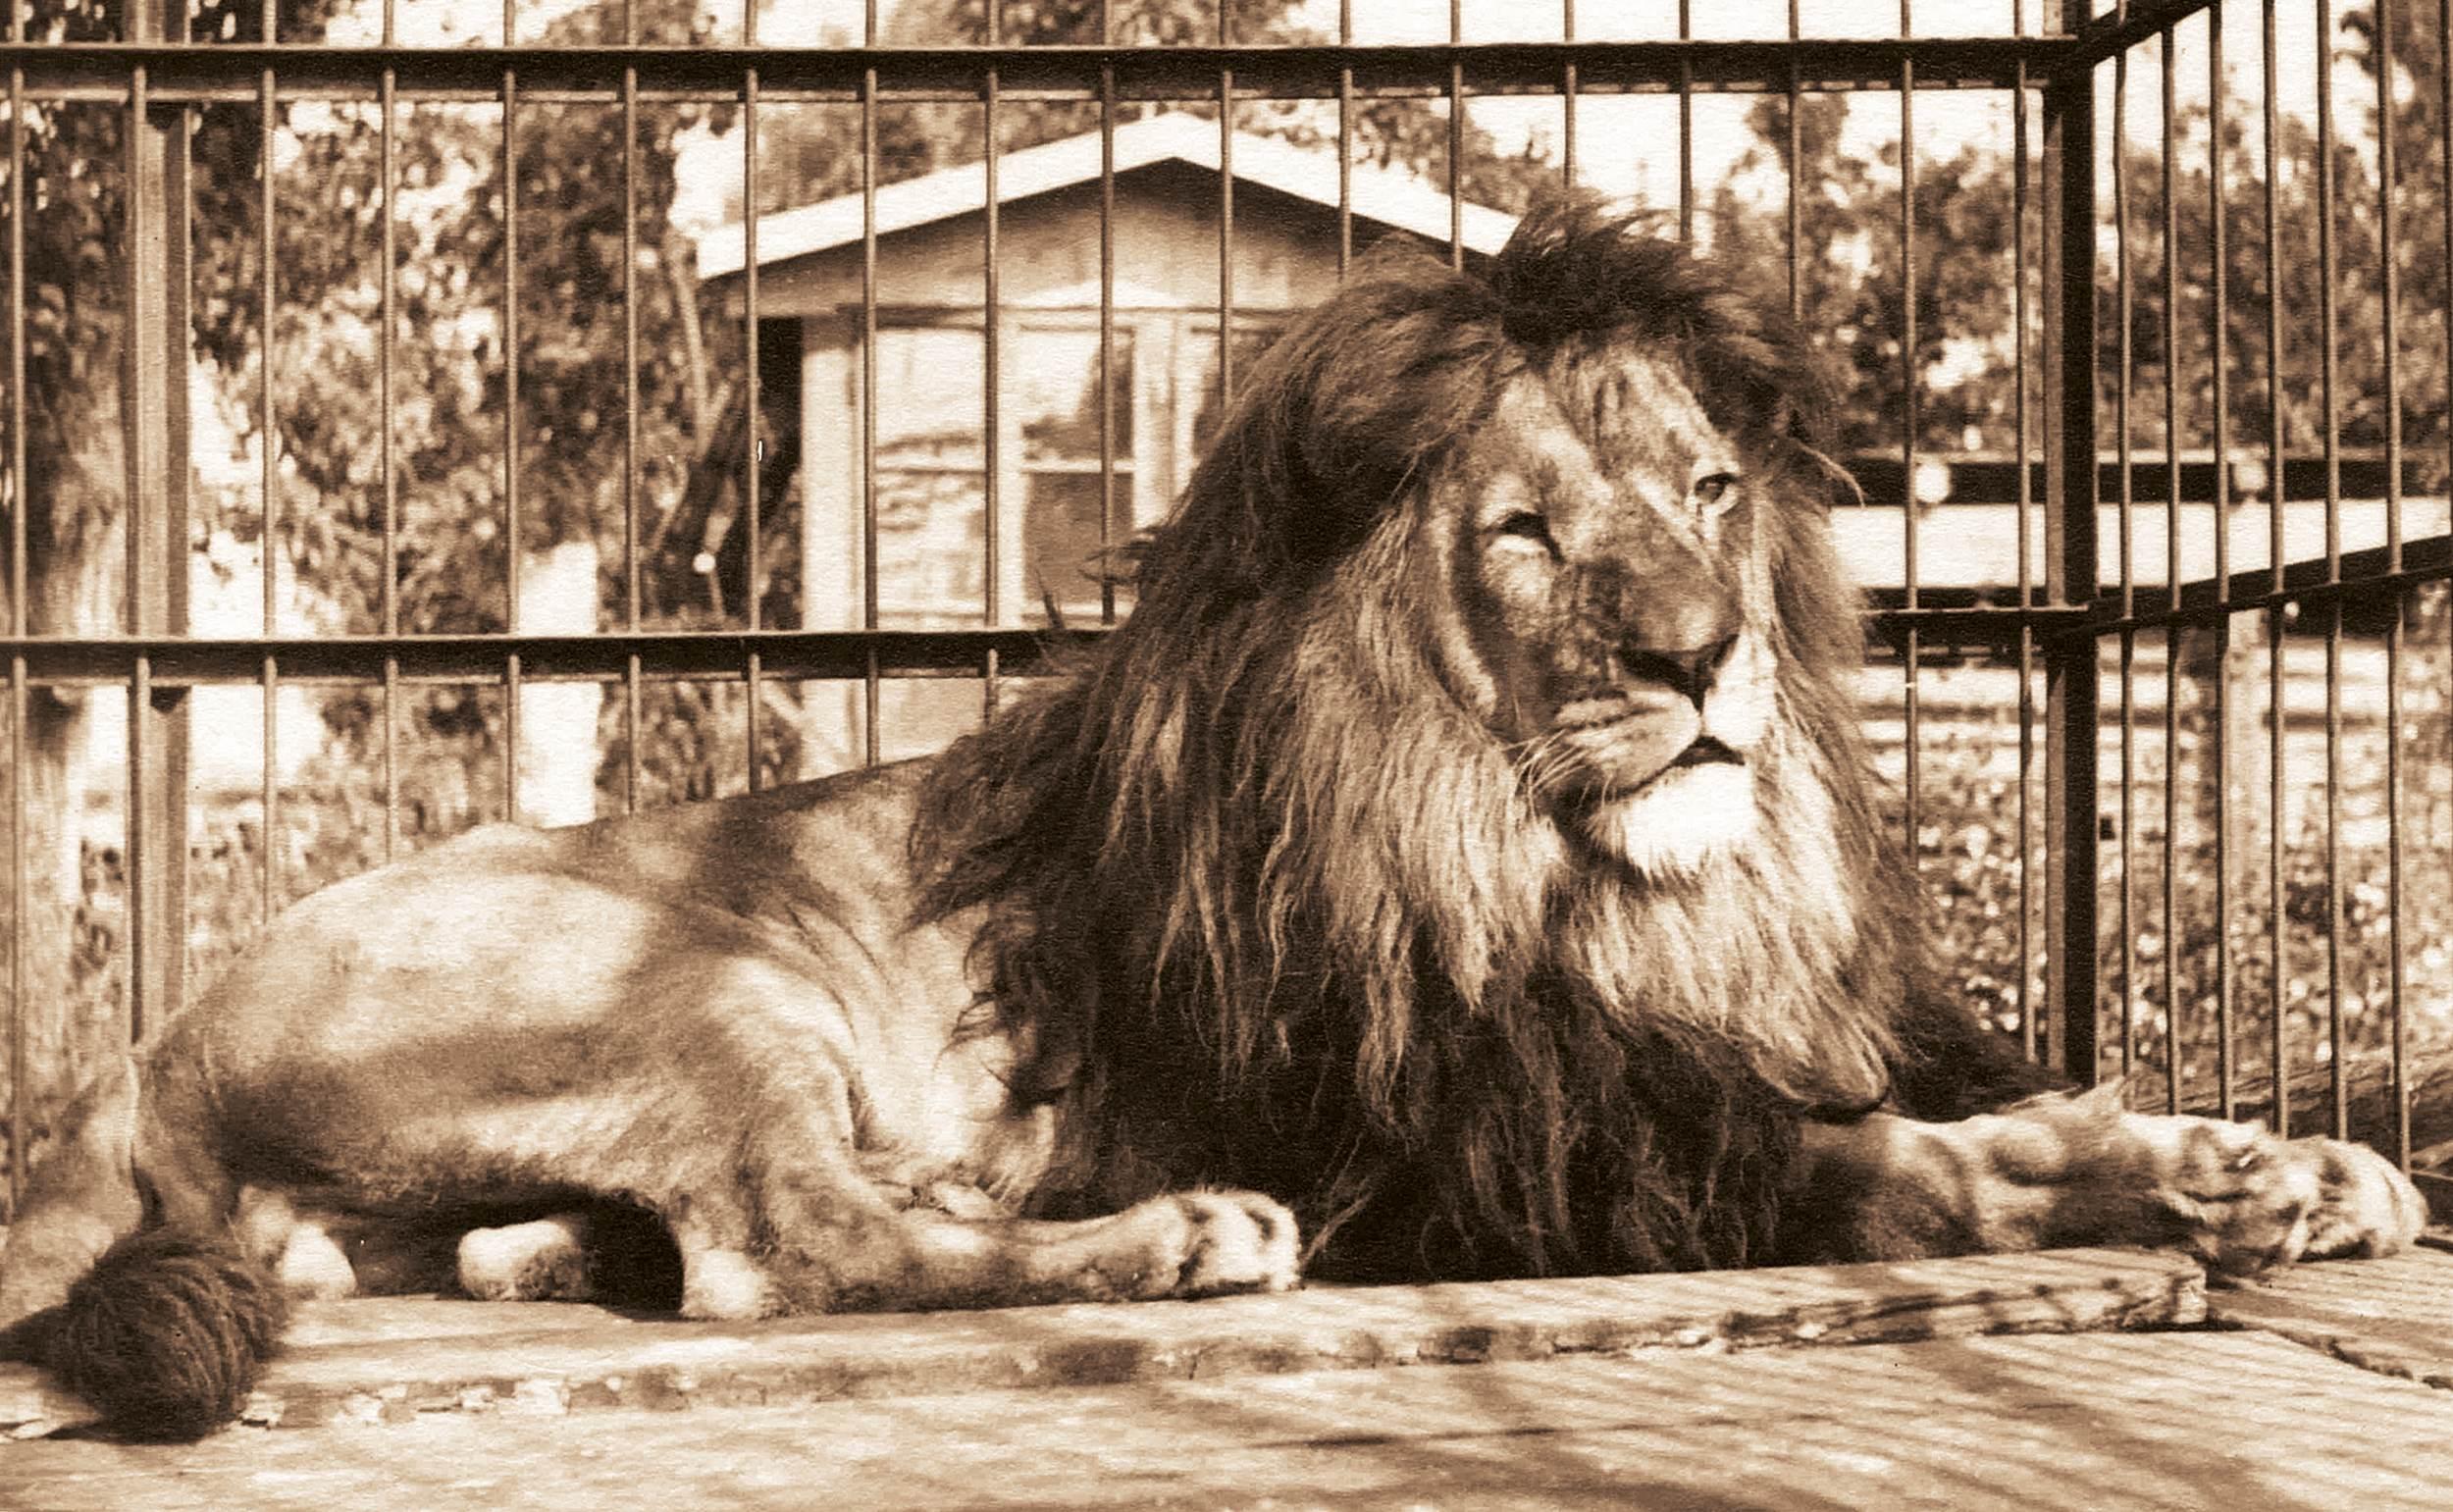 Mezi nejslavnější zvířata vprvních desetiletích provozu dvorské zoo patřil lev Rémus. Jeho expozice byla postavena před exotickým pavilonem, dřívějším skleníkem. Dnes je na tomto místě trávník poblíž vchodu do zoologické zahrady a restaurace U Lemura.